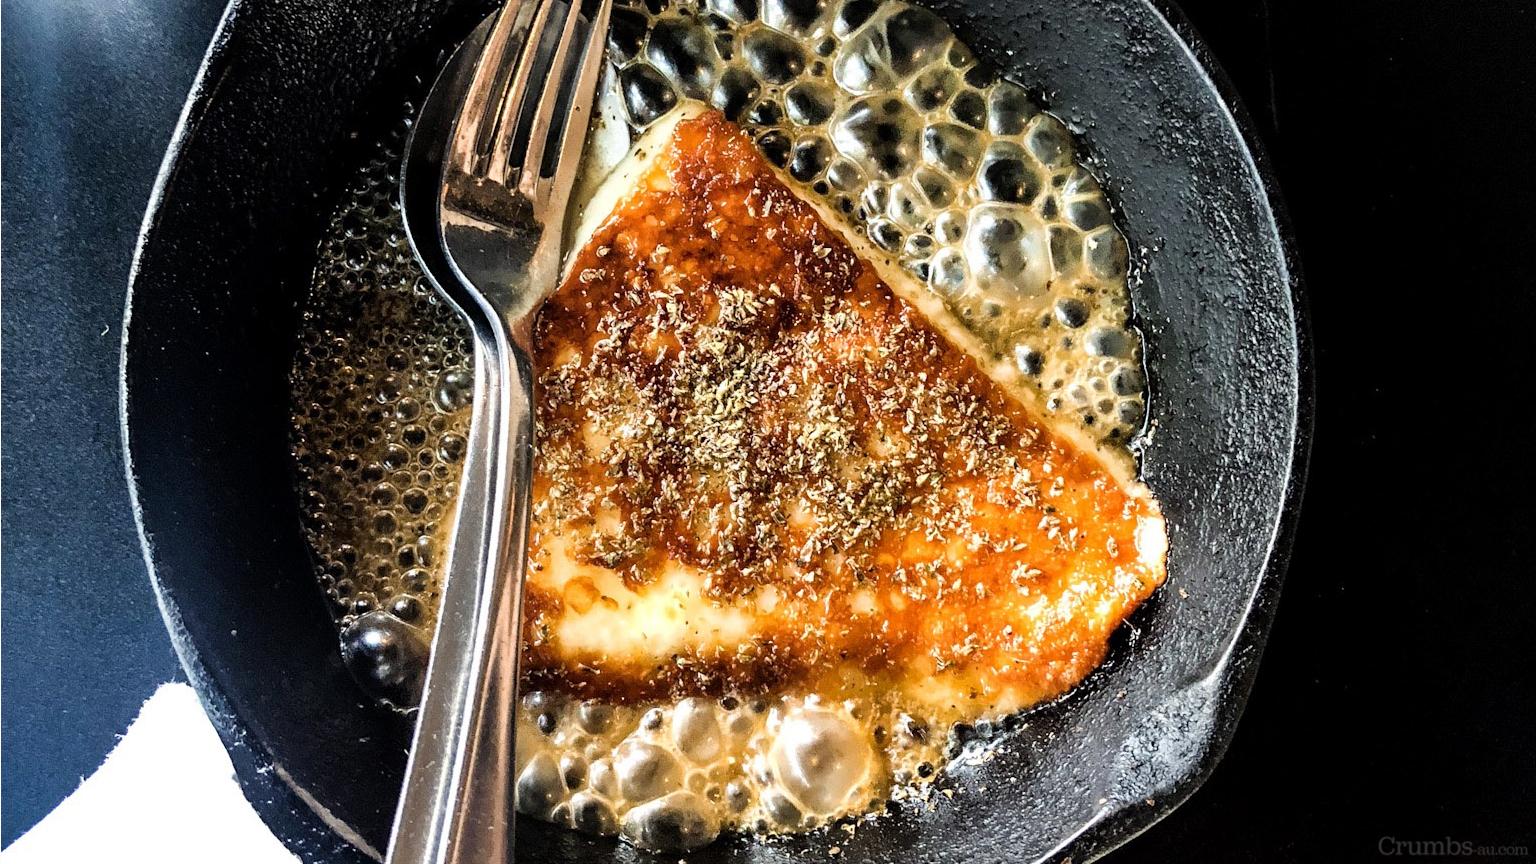 sydney-best-restaurants-the-apollo-potts-point-saganaki-cheese